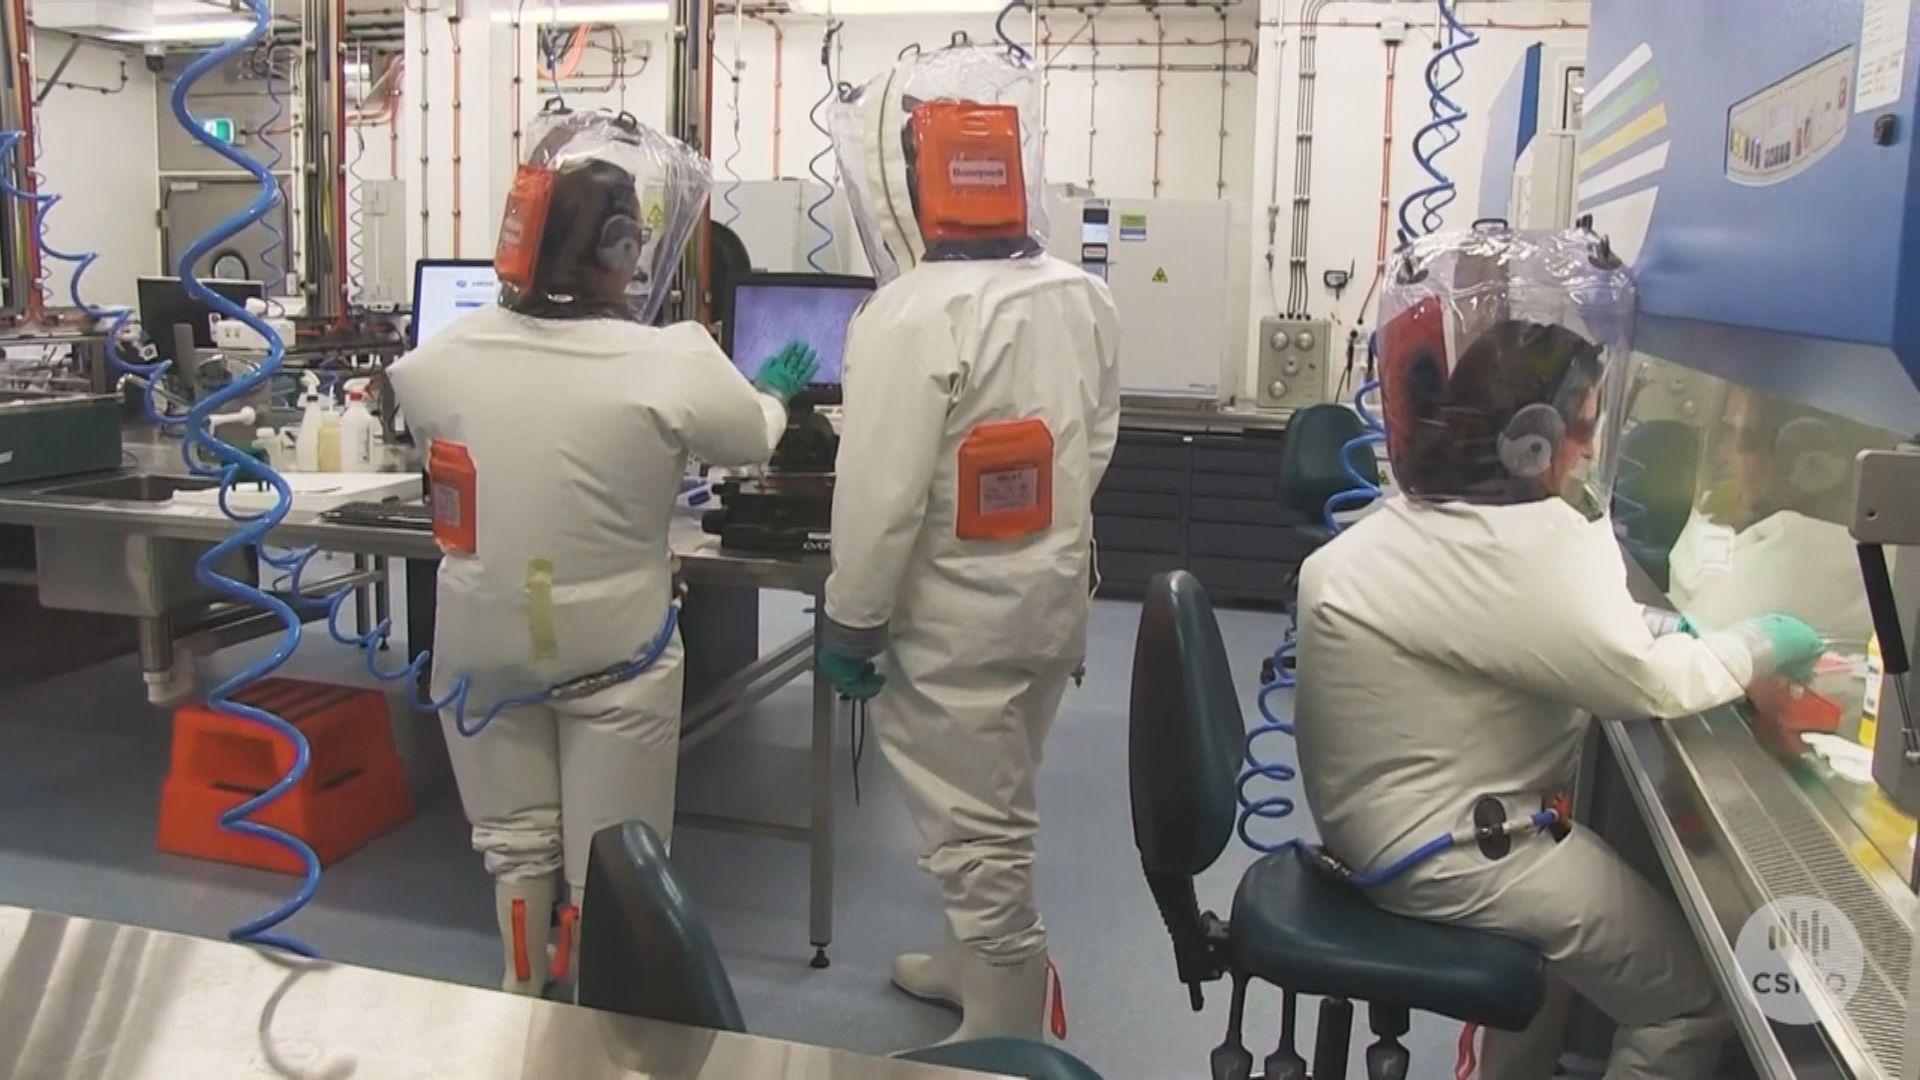 澳洲研究:新冠病毒可在平滑表面存活28天